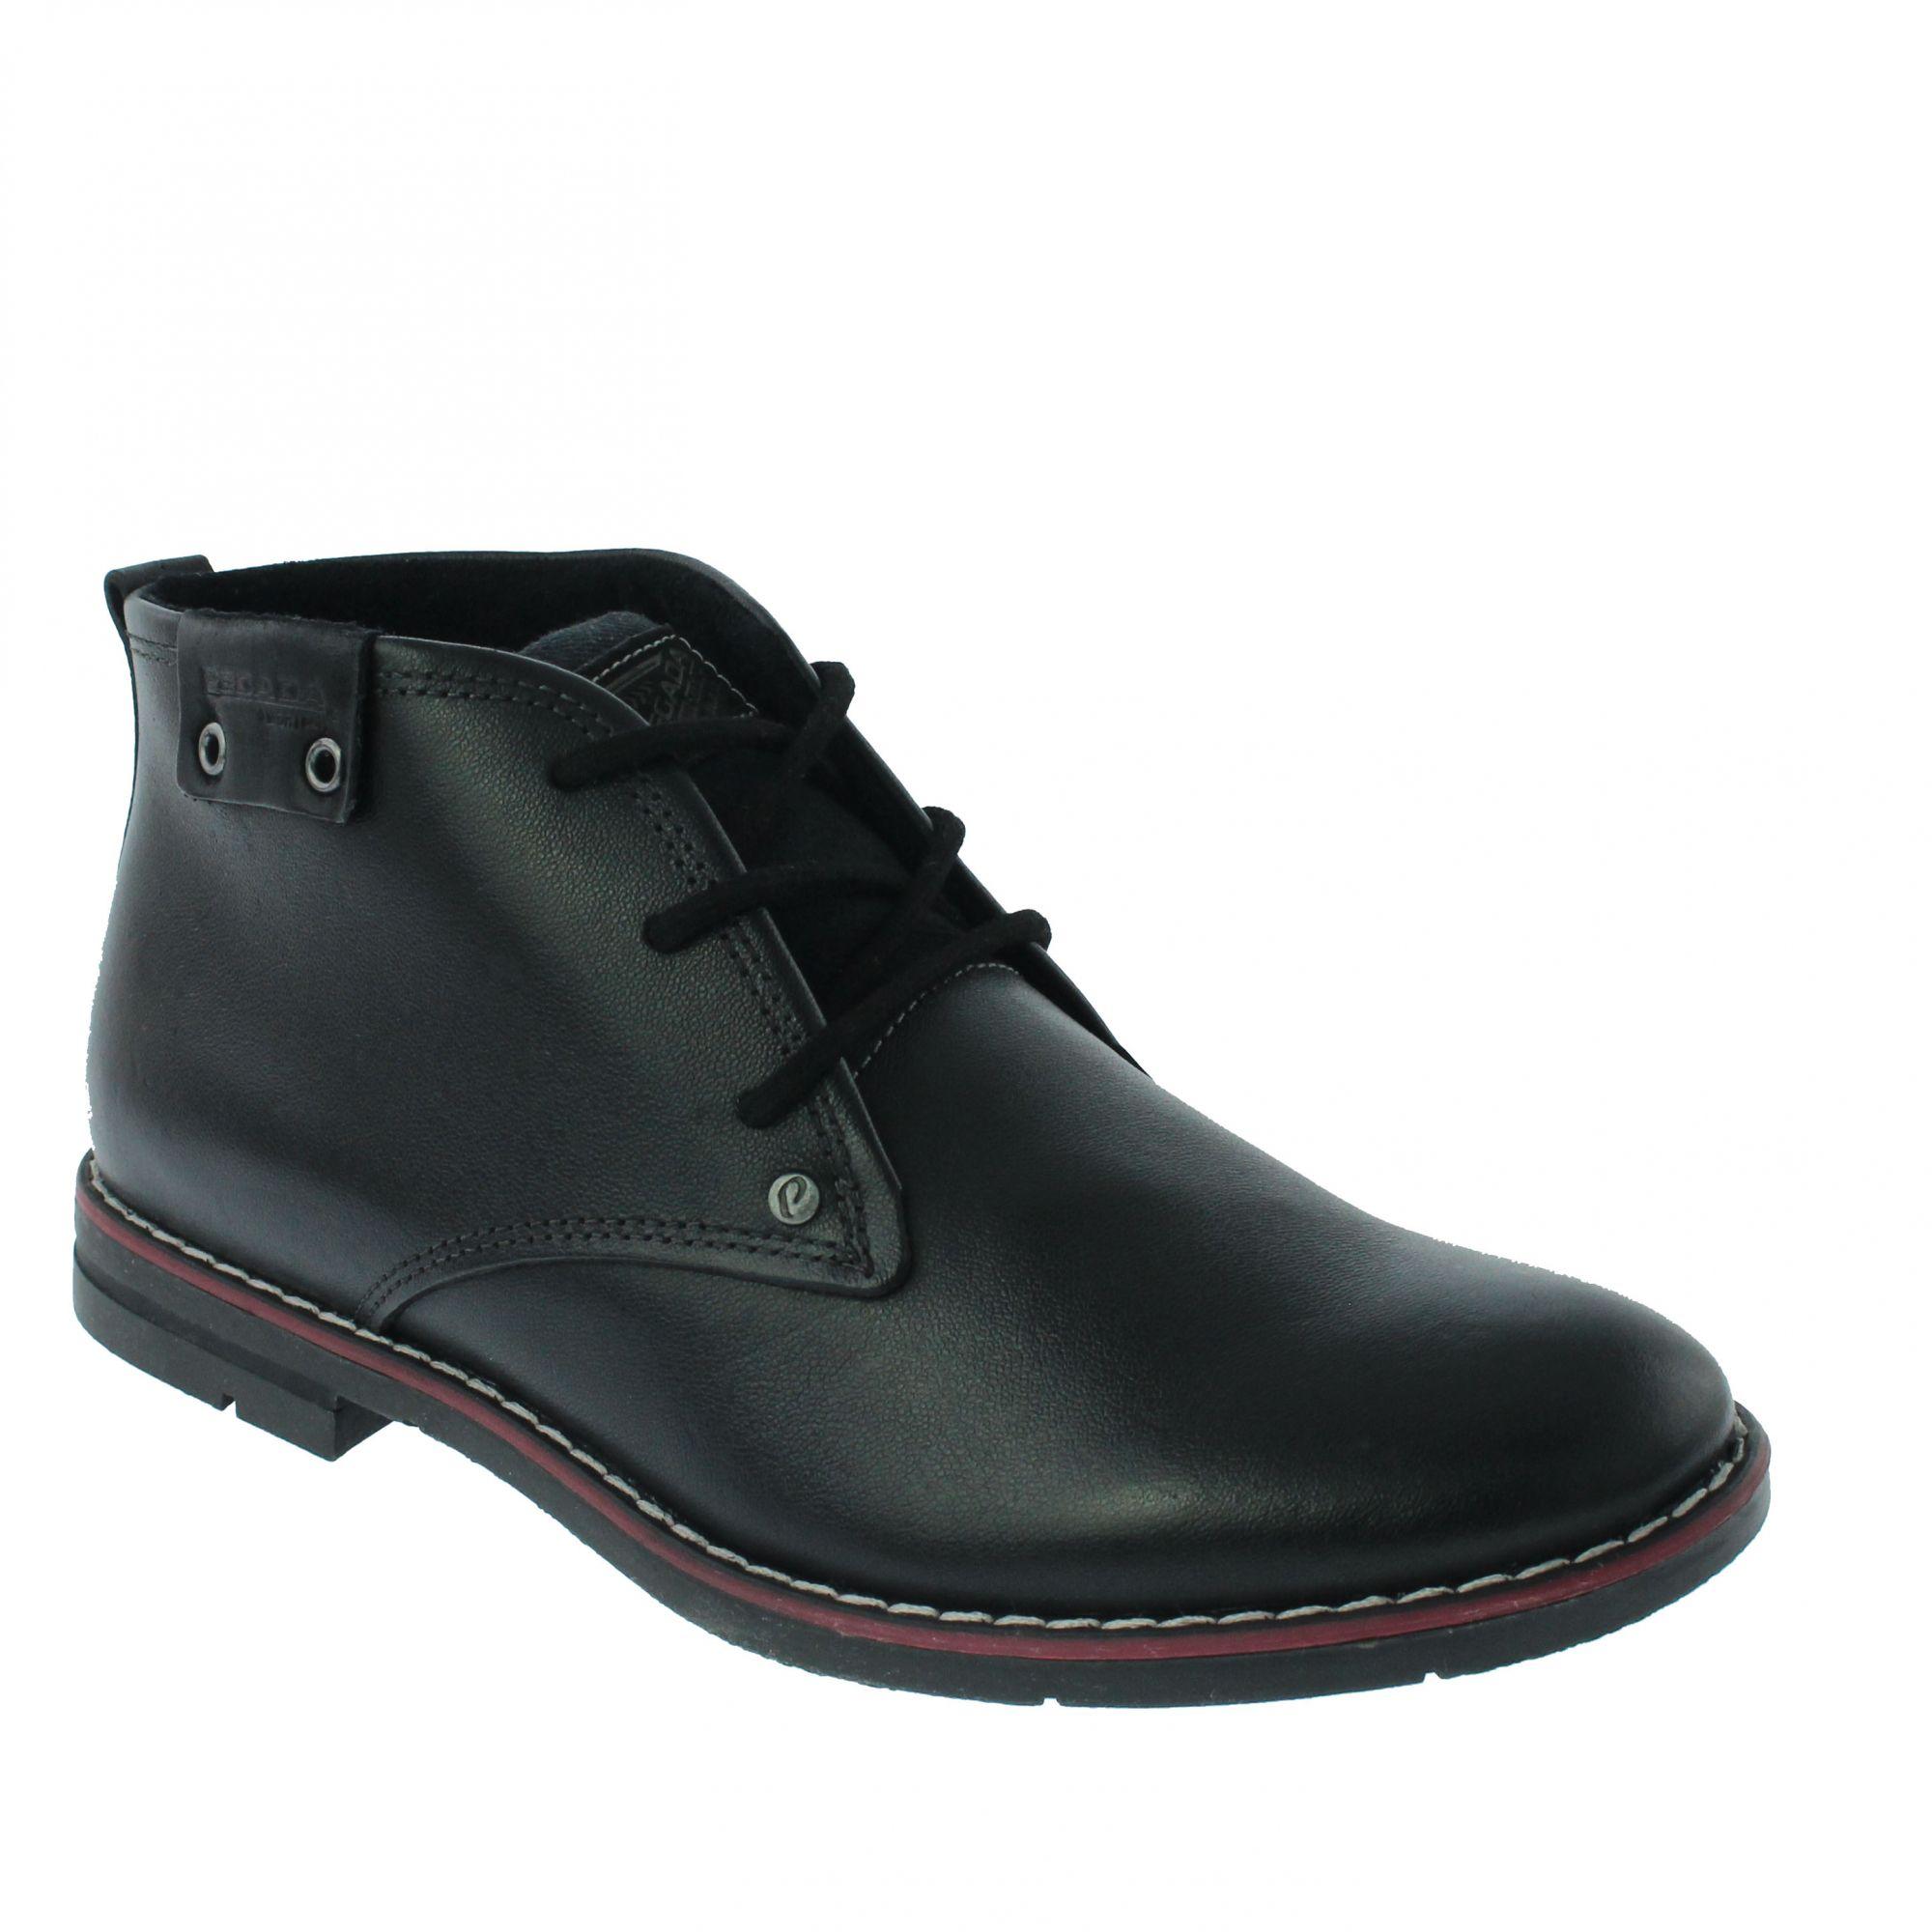 Sapato Pegada Social Couro Preto Amortech - 121976-10